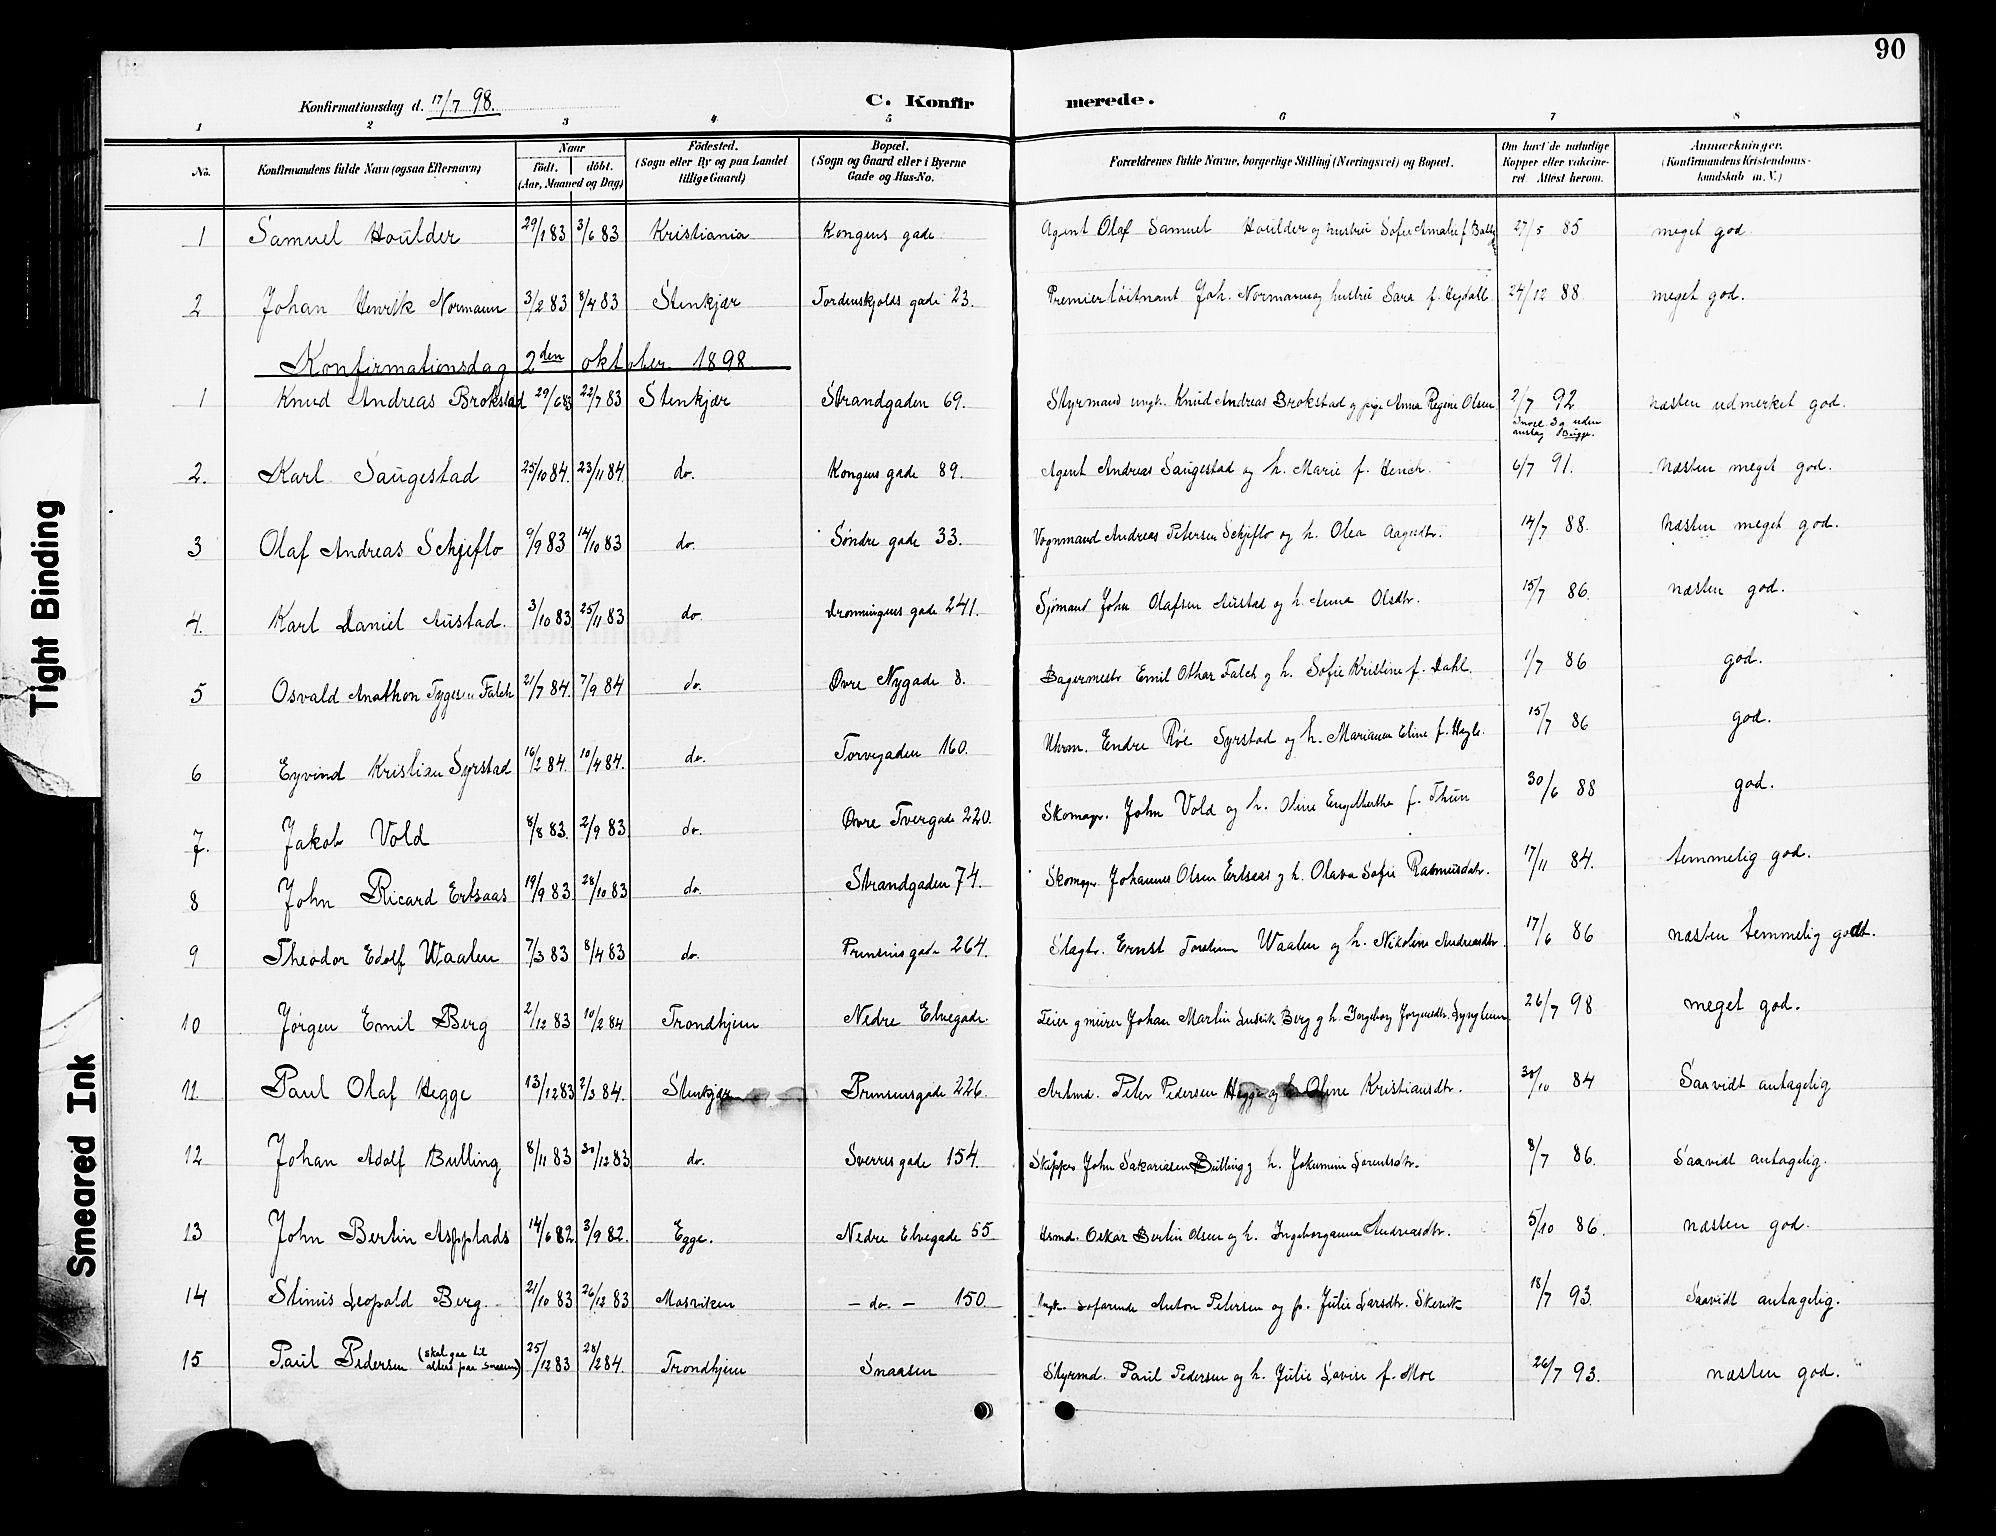 SAT, Ministerialprotokoller, klokkerbøker og fødselsregistre - Nord-Trøndelag, 739/L0375: Klokkerbok nr. 739C03, 1898-1908, s. 90